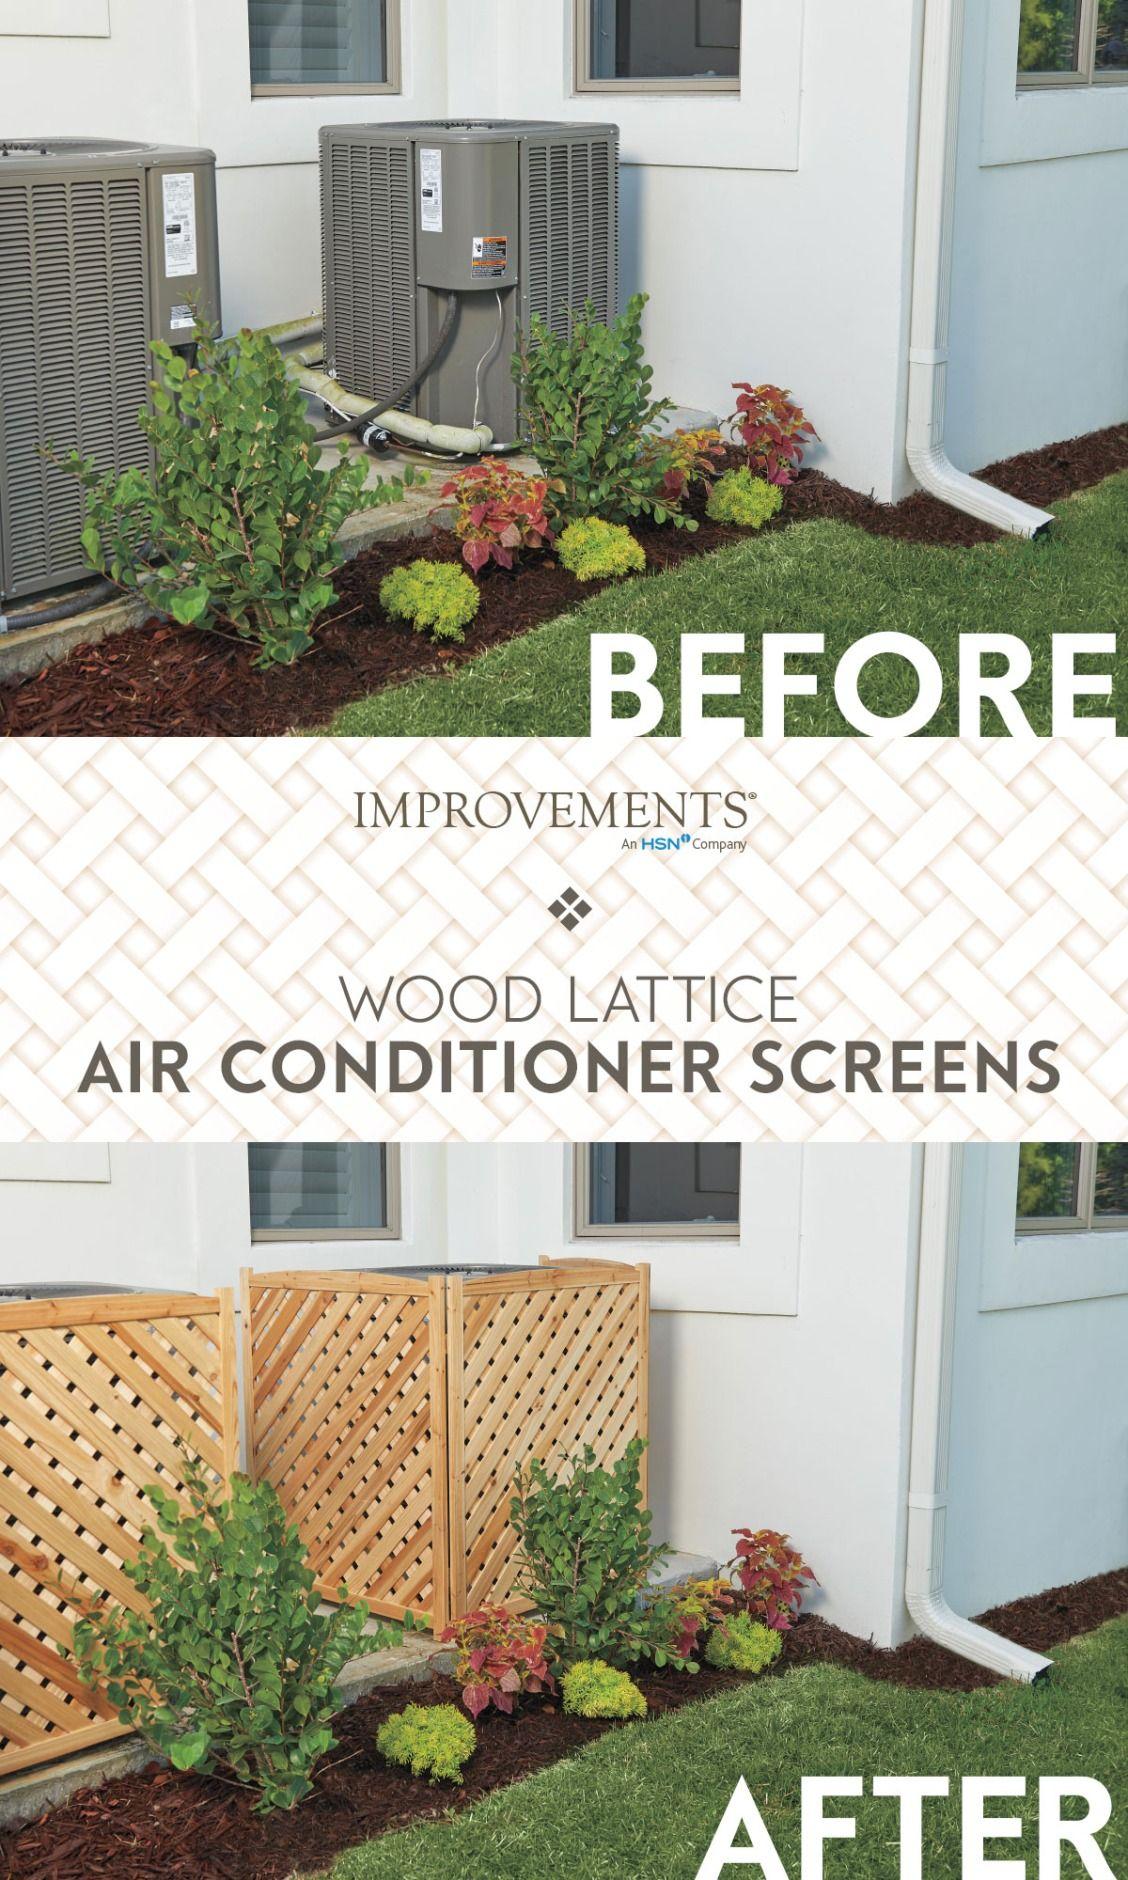 Lattice Air Conditioner Screen Wood Lattice Air Conditioner Screens